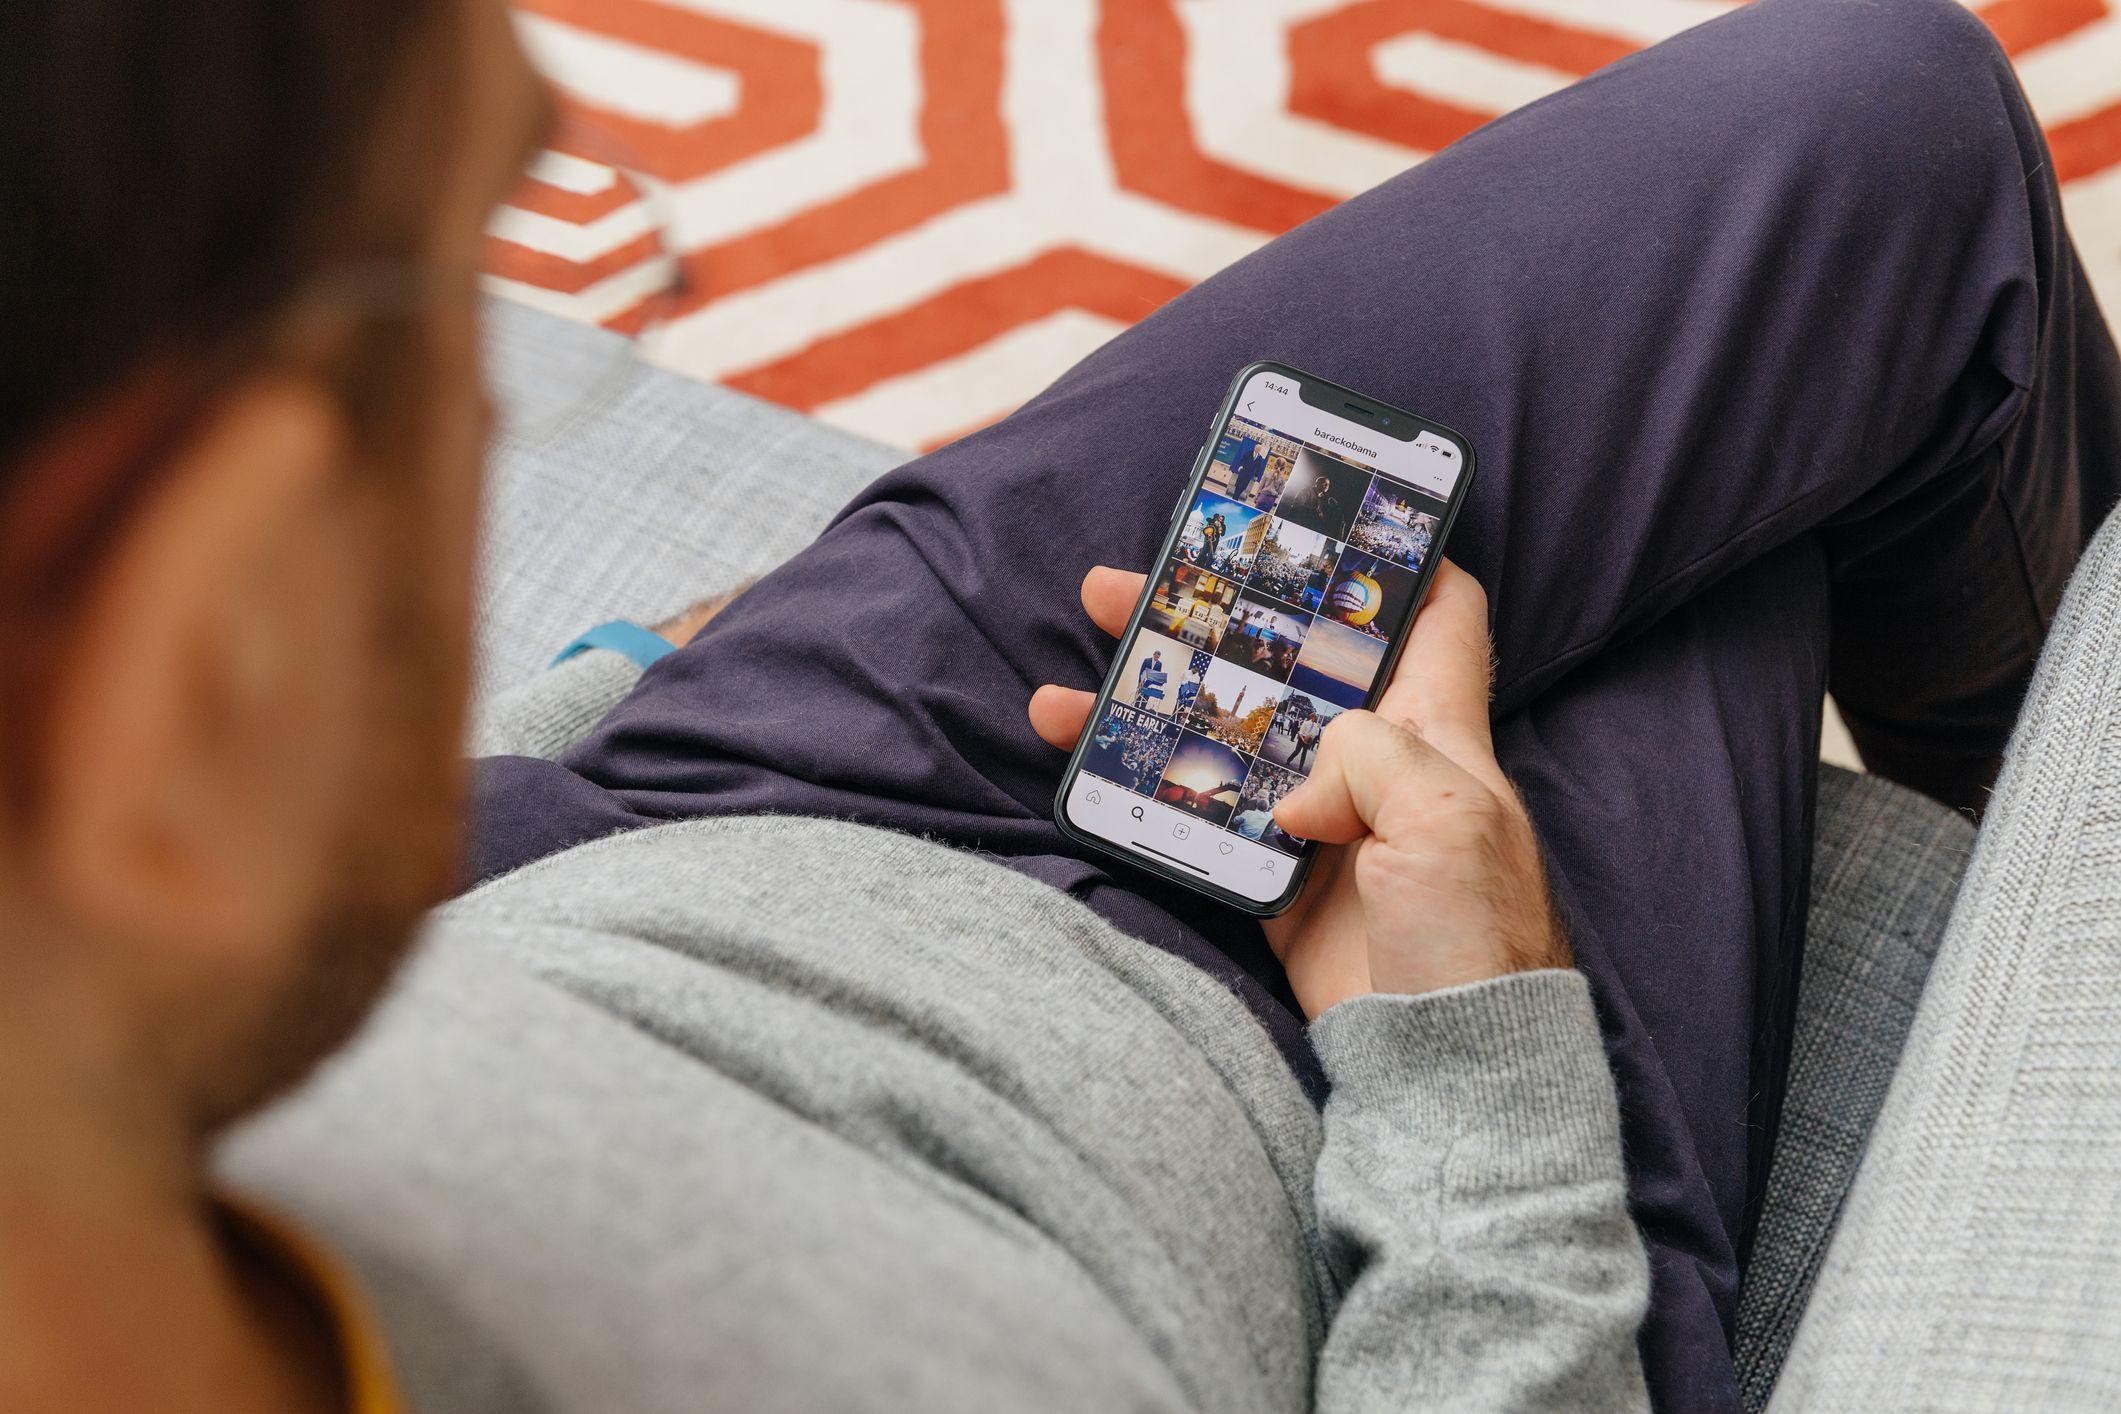 Influenciadores terão contas com opções exclusivas no Instagram